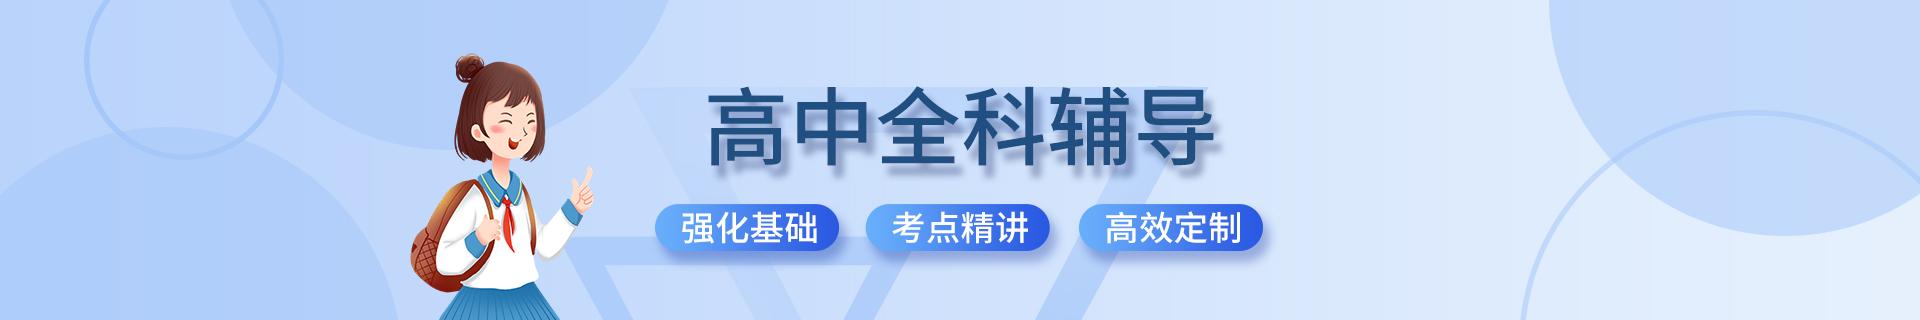 重庆九龙坡区杨家坪英豪优教